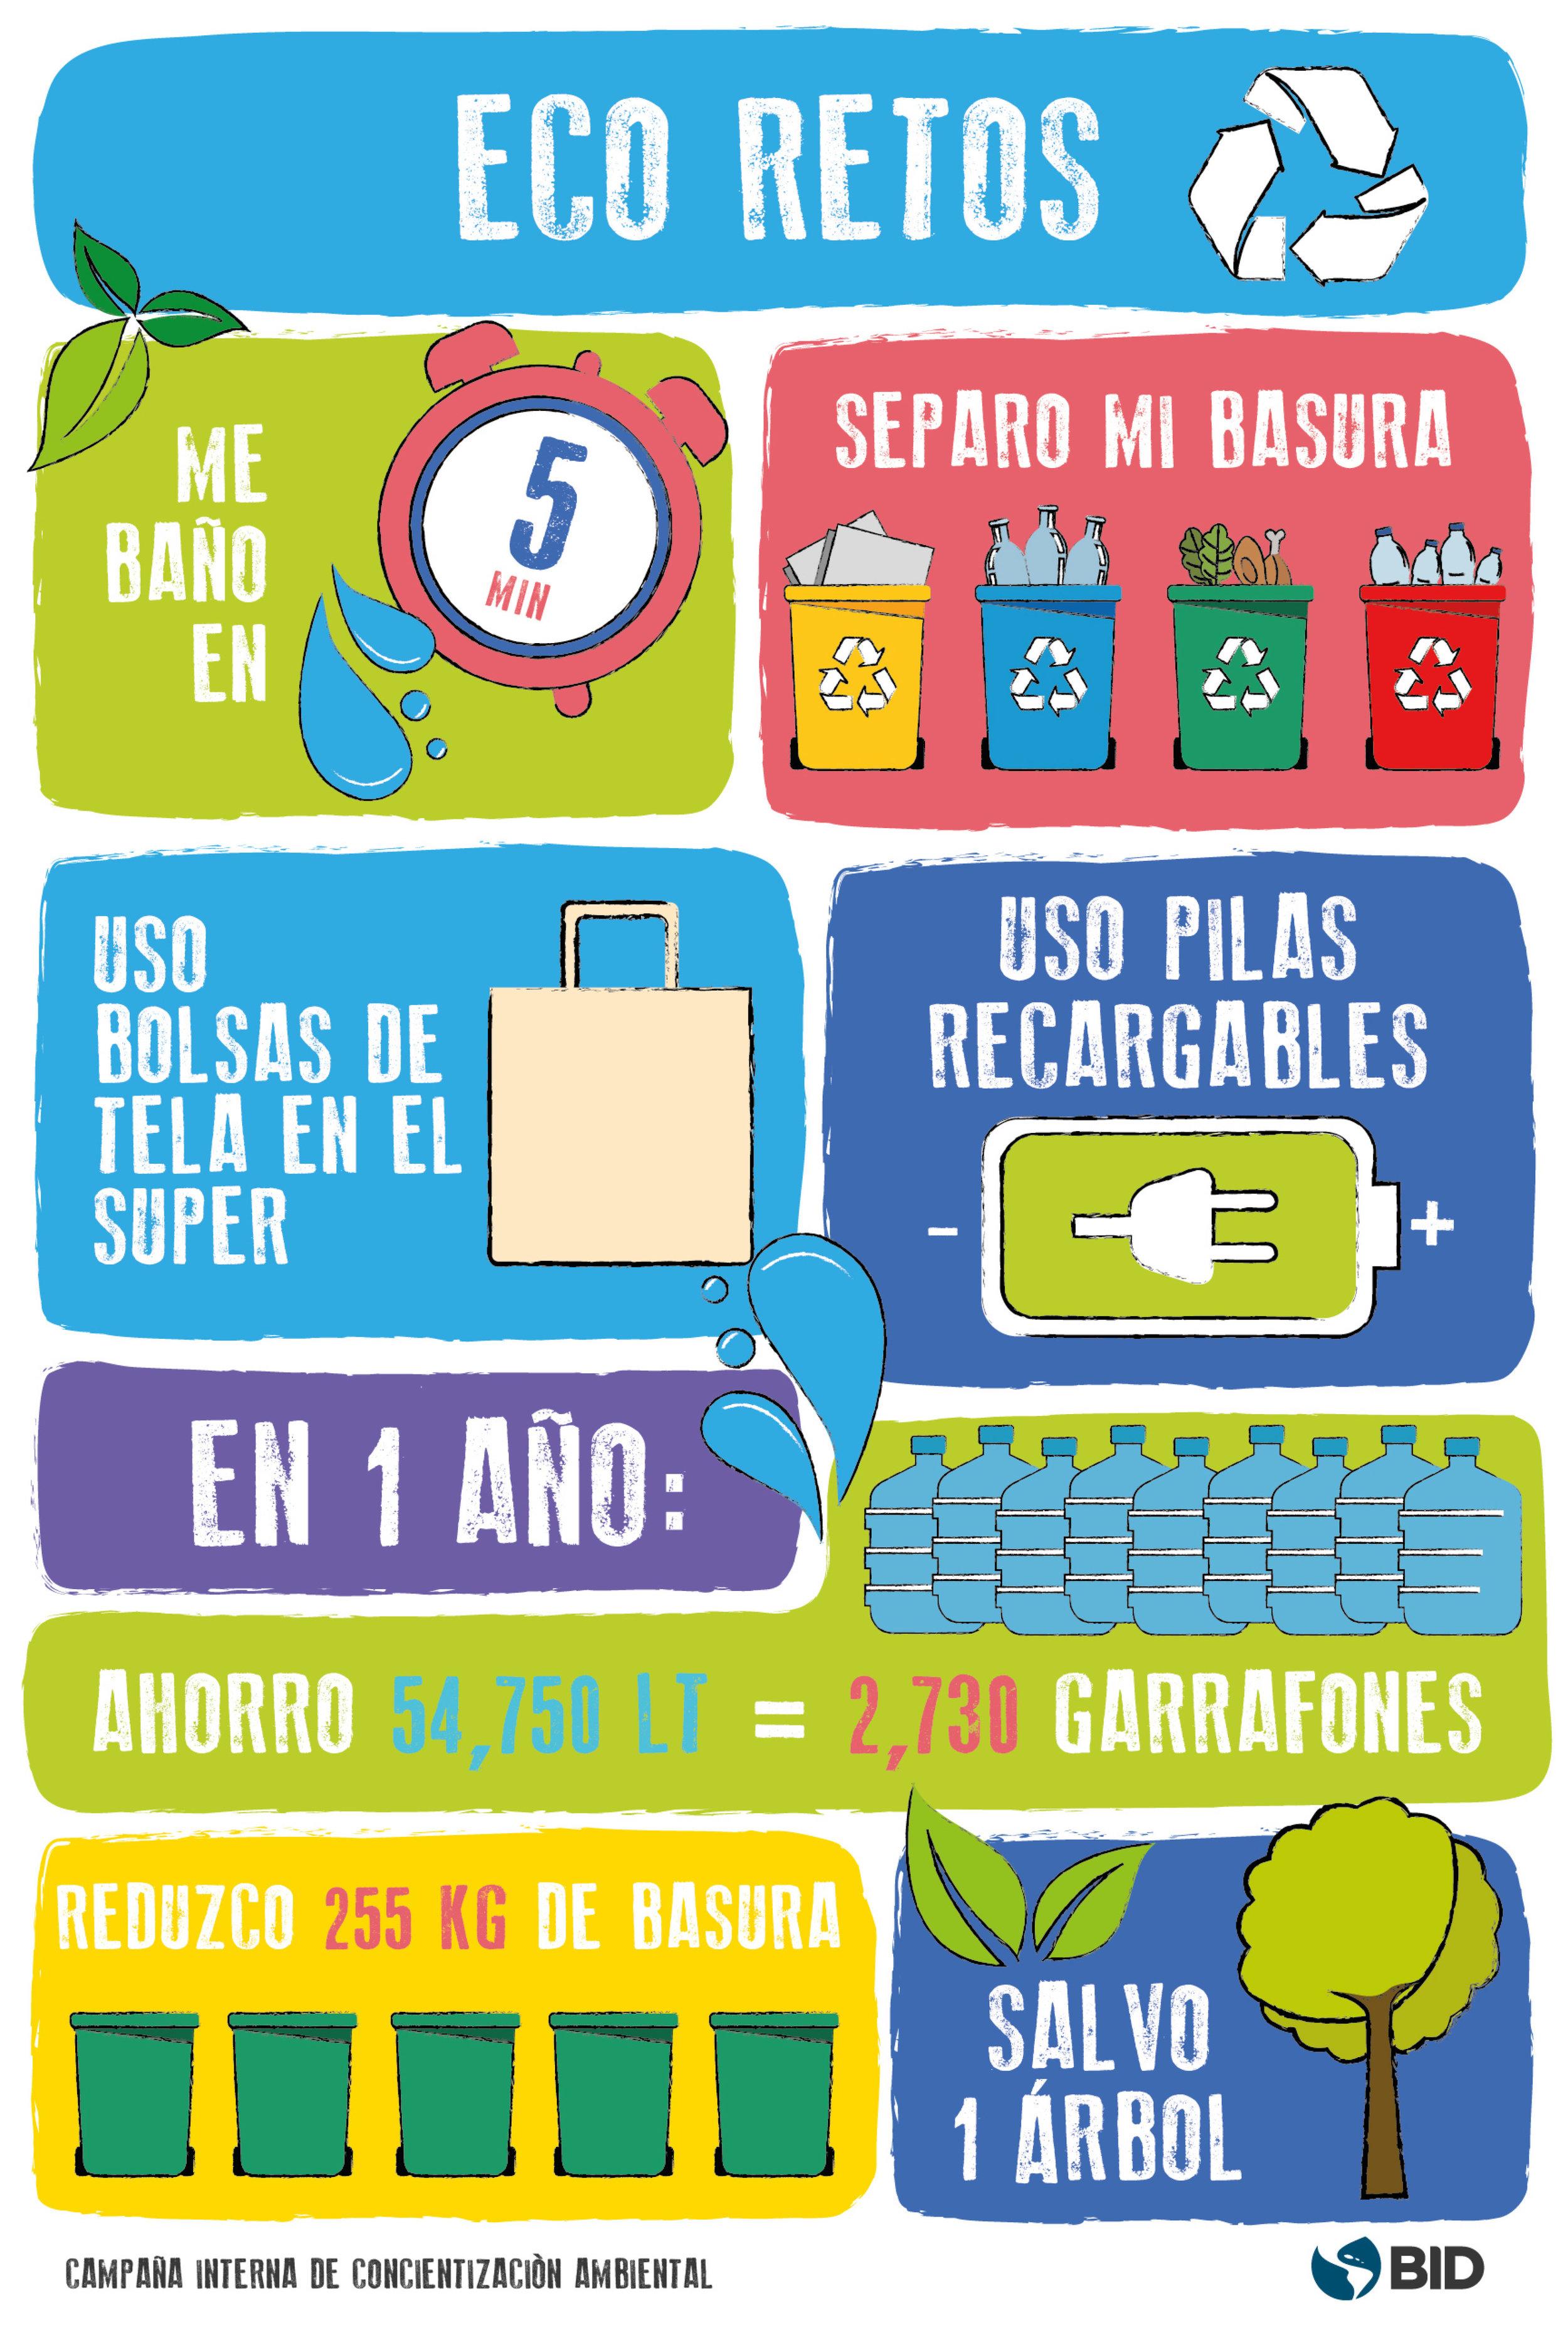 Campaña medio ambiente - Completa-9.jpg